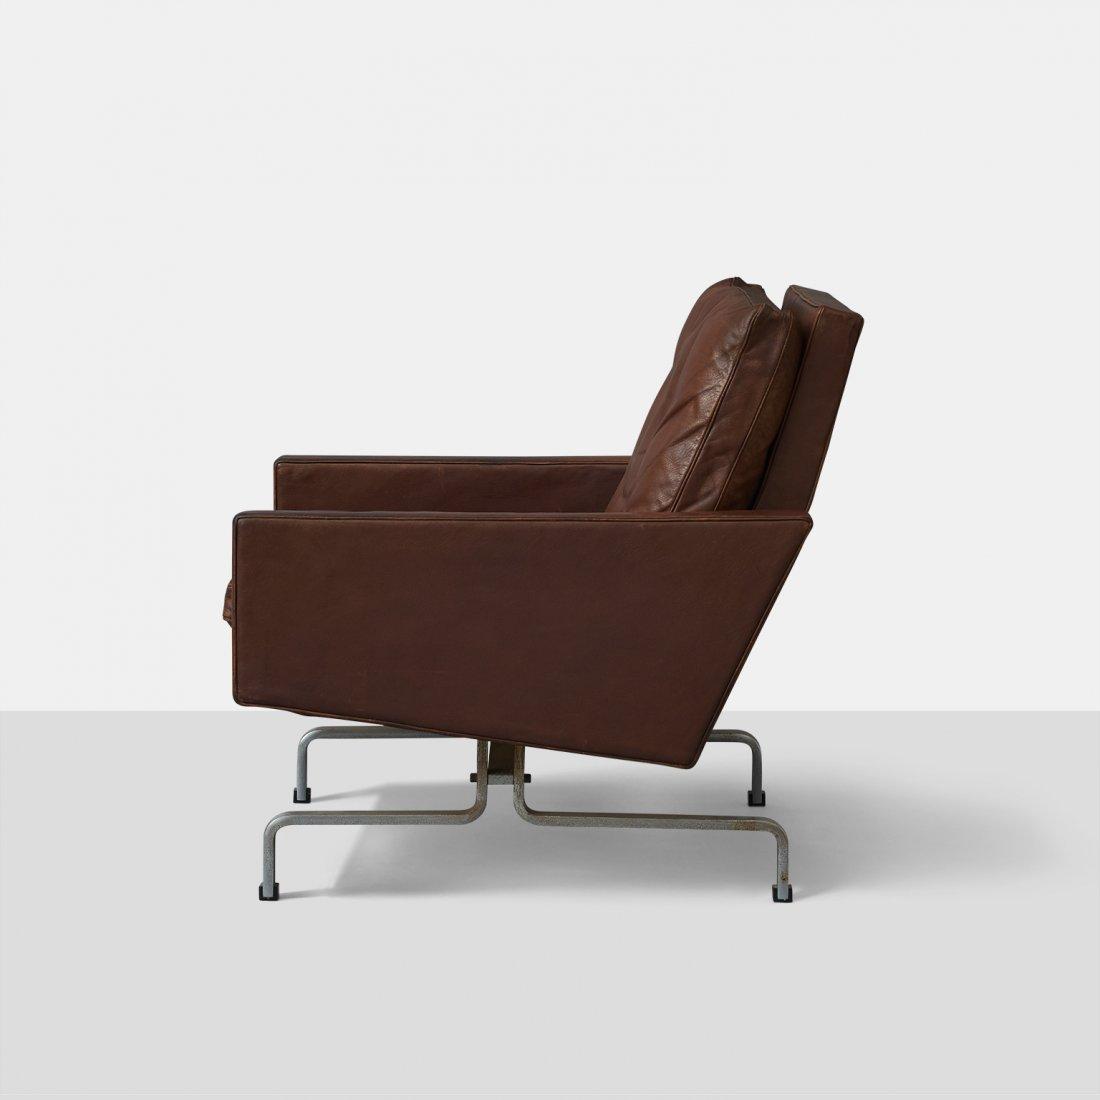 Poul Kjaerholm, PK31 Lounge Chair - 2